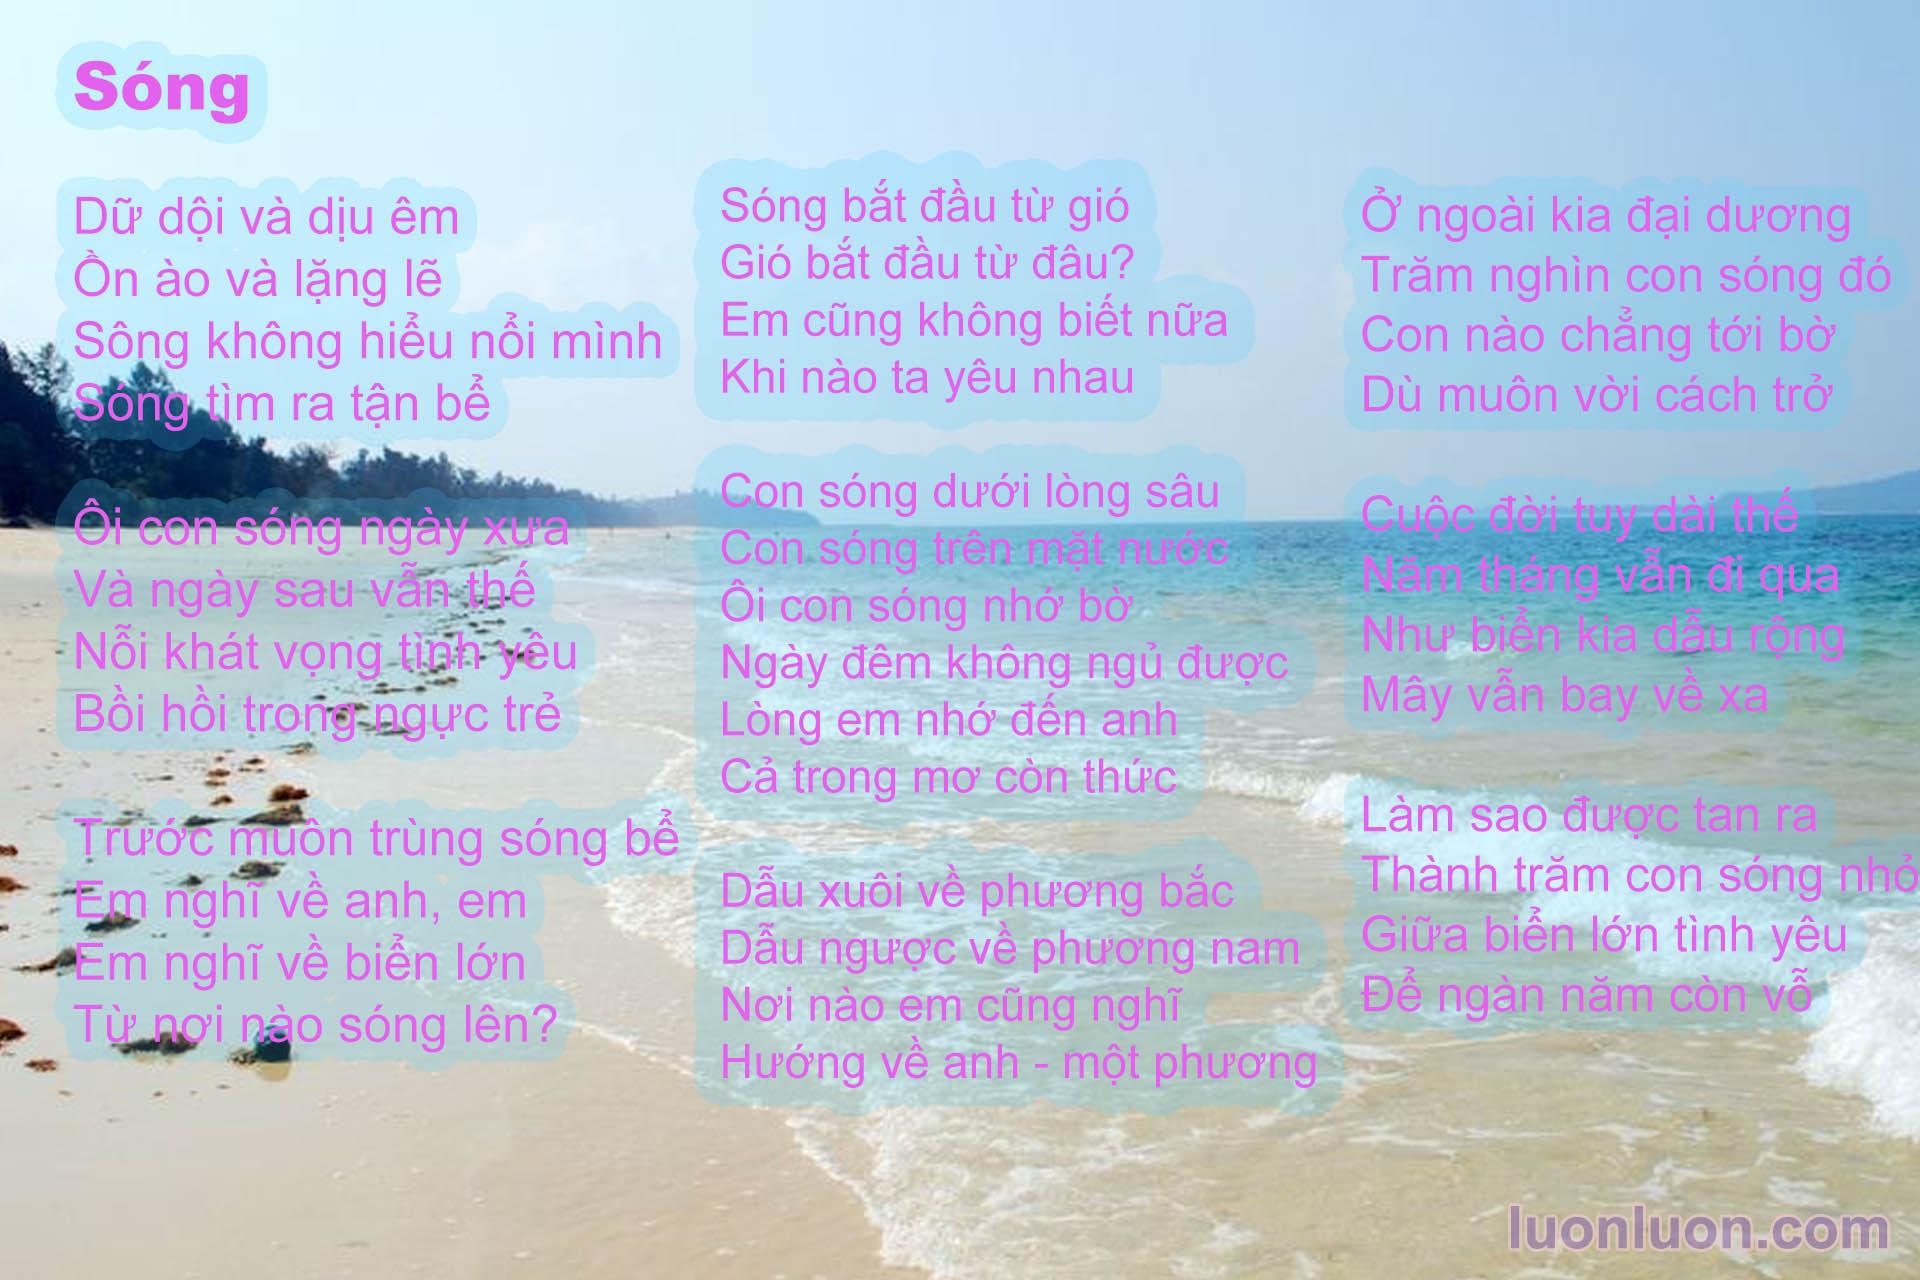 Song - Xuan Quynh - Tho tinh